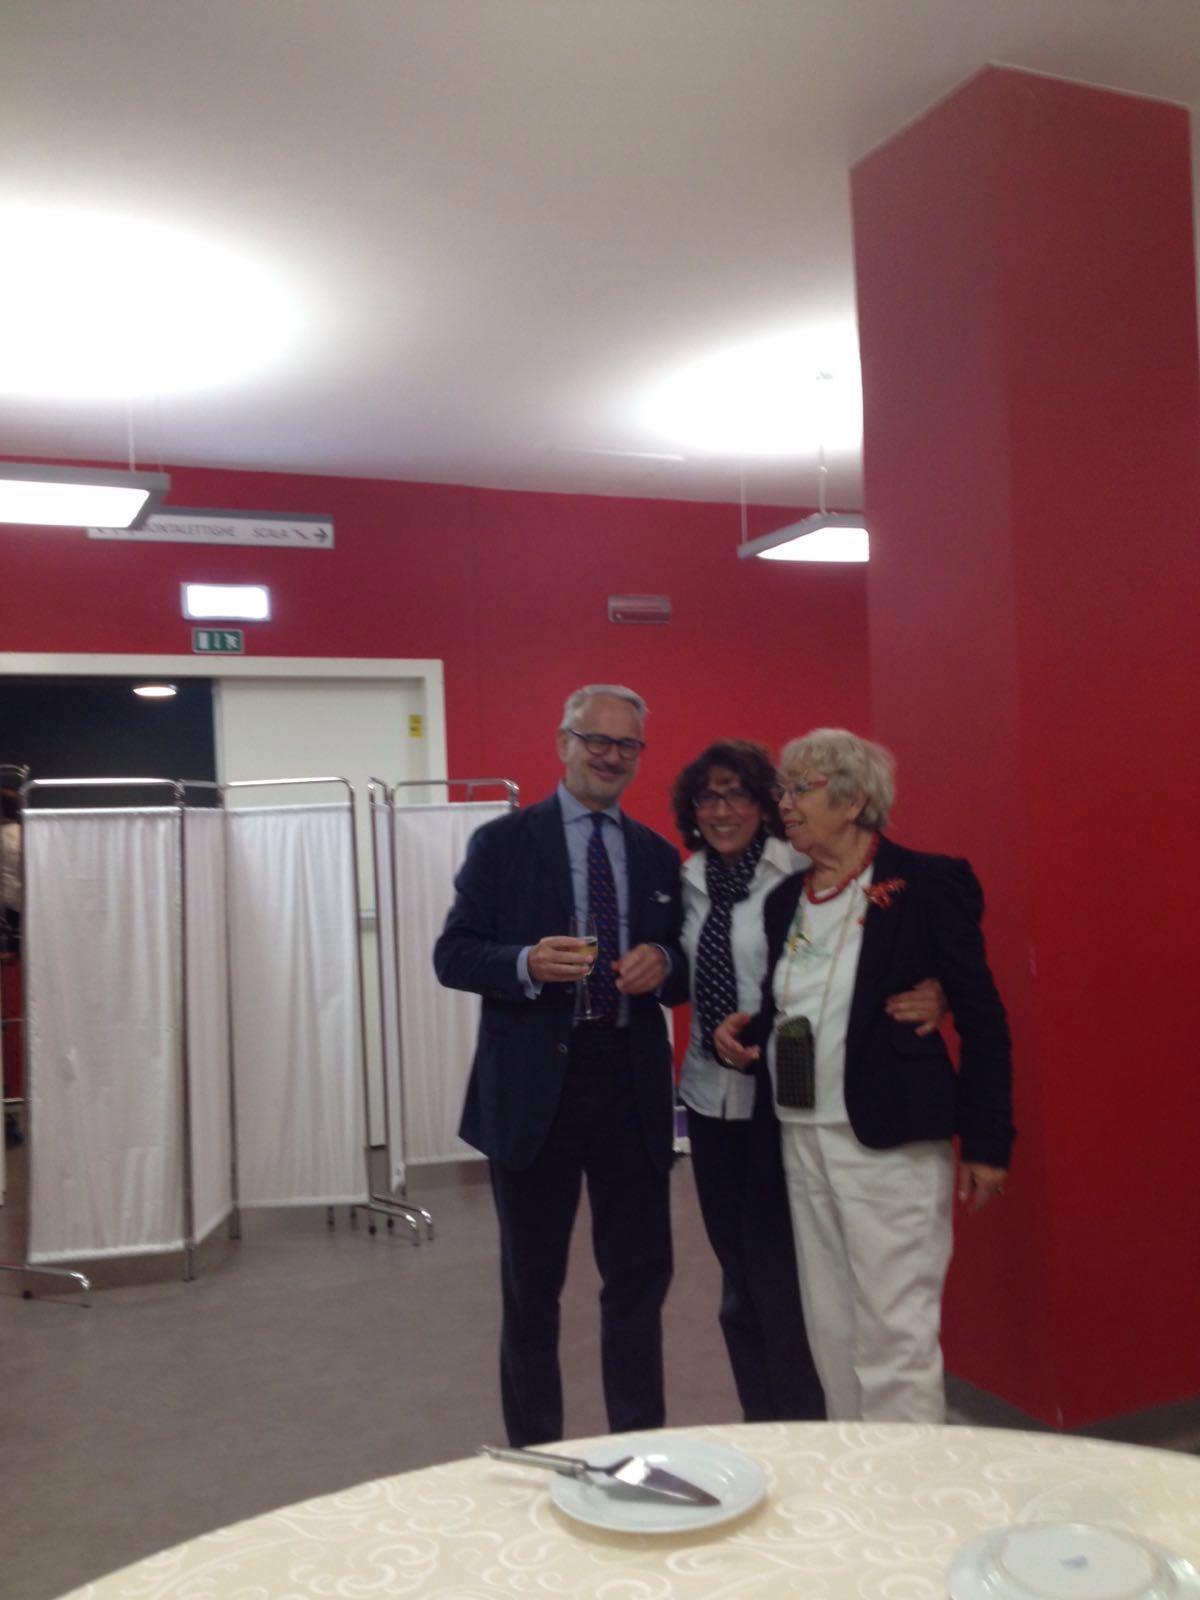 Presidente e Vice Presidente all'inaugurazione di una struttura a Rivoli